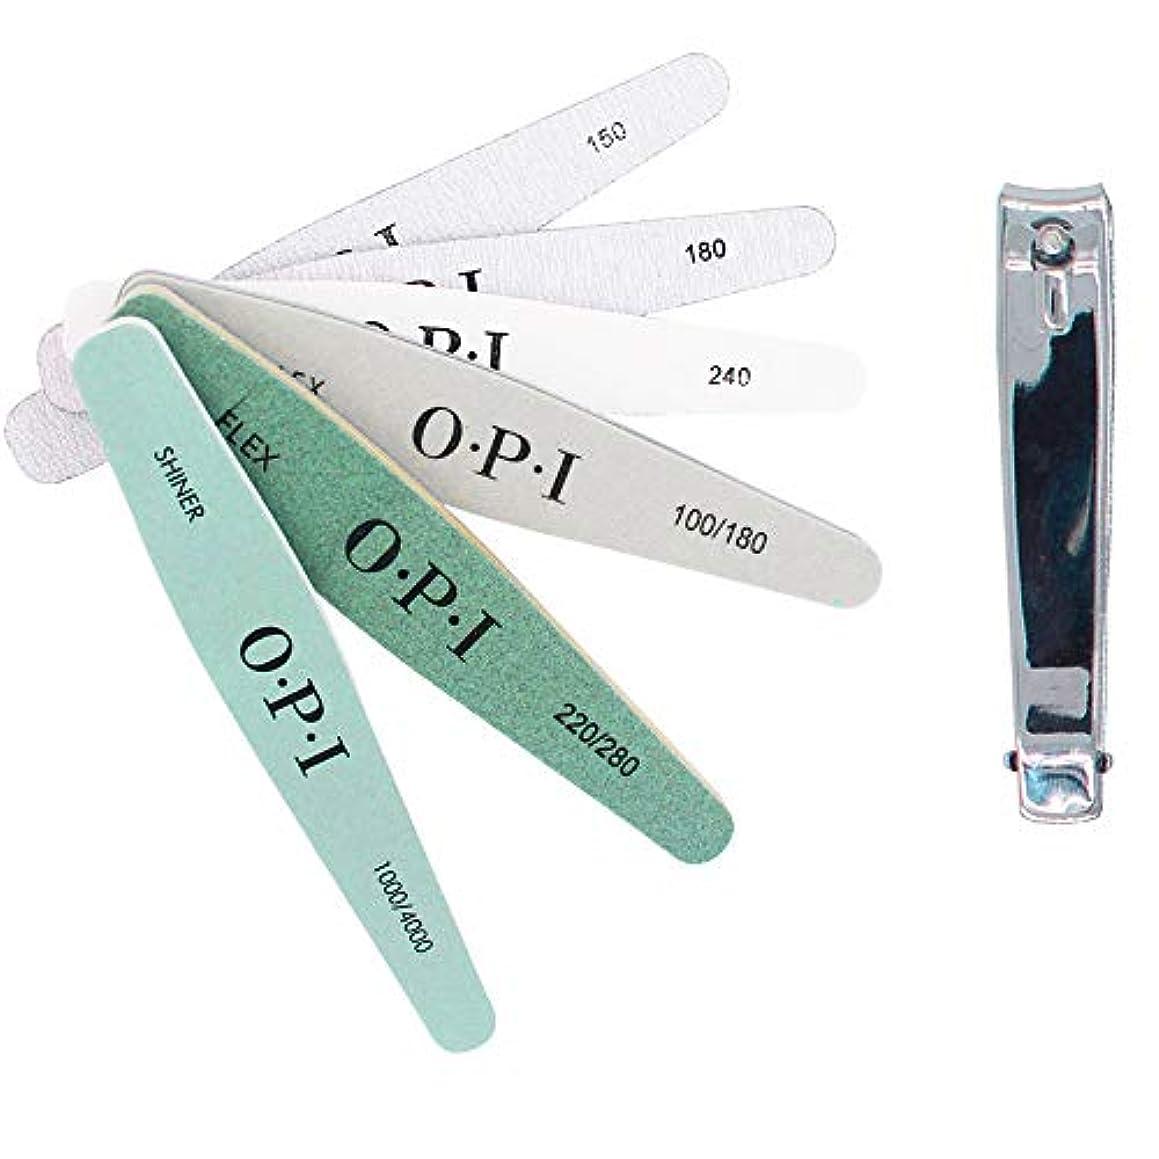 サンドイッチ軸構成するKINYOOOスポンジファイル、爪やすり、ネイルをつやつやに、のネイルツール、 150/180/200/240/280/1000/4000と(1 PCSメタルネイルはさみ)、ネイルケア用化粧マニキュアペディキュアセット。